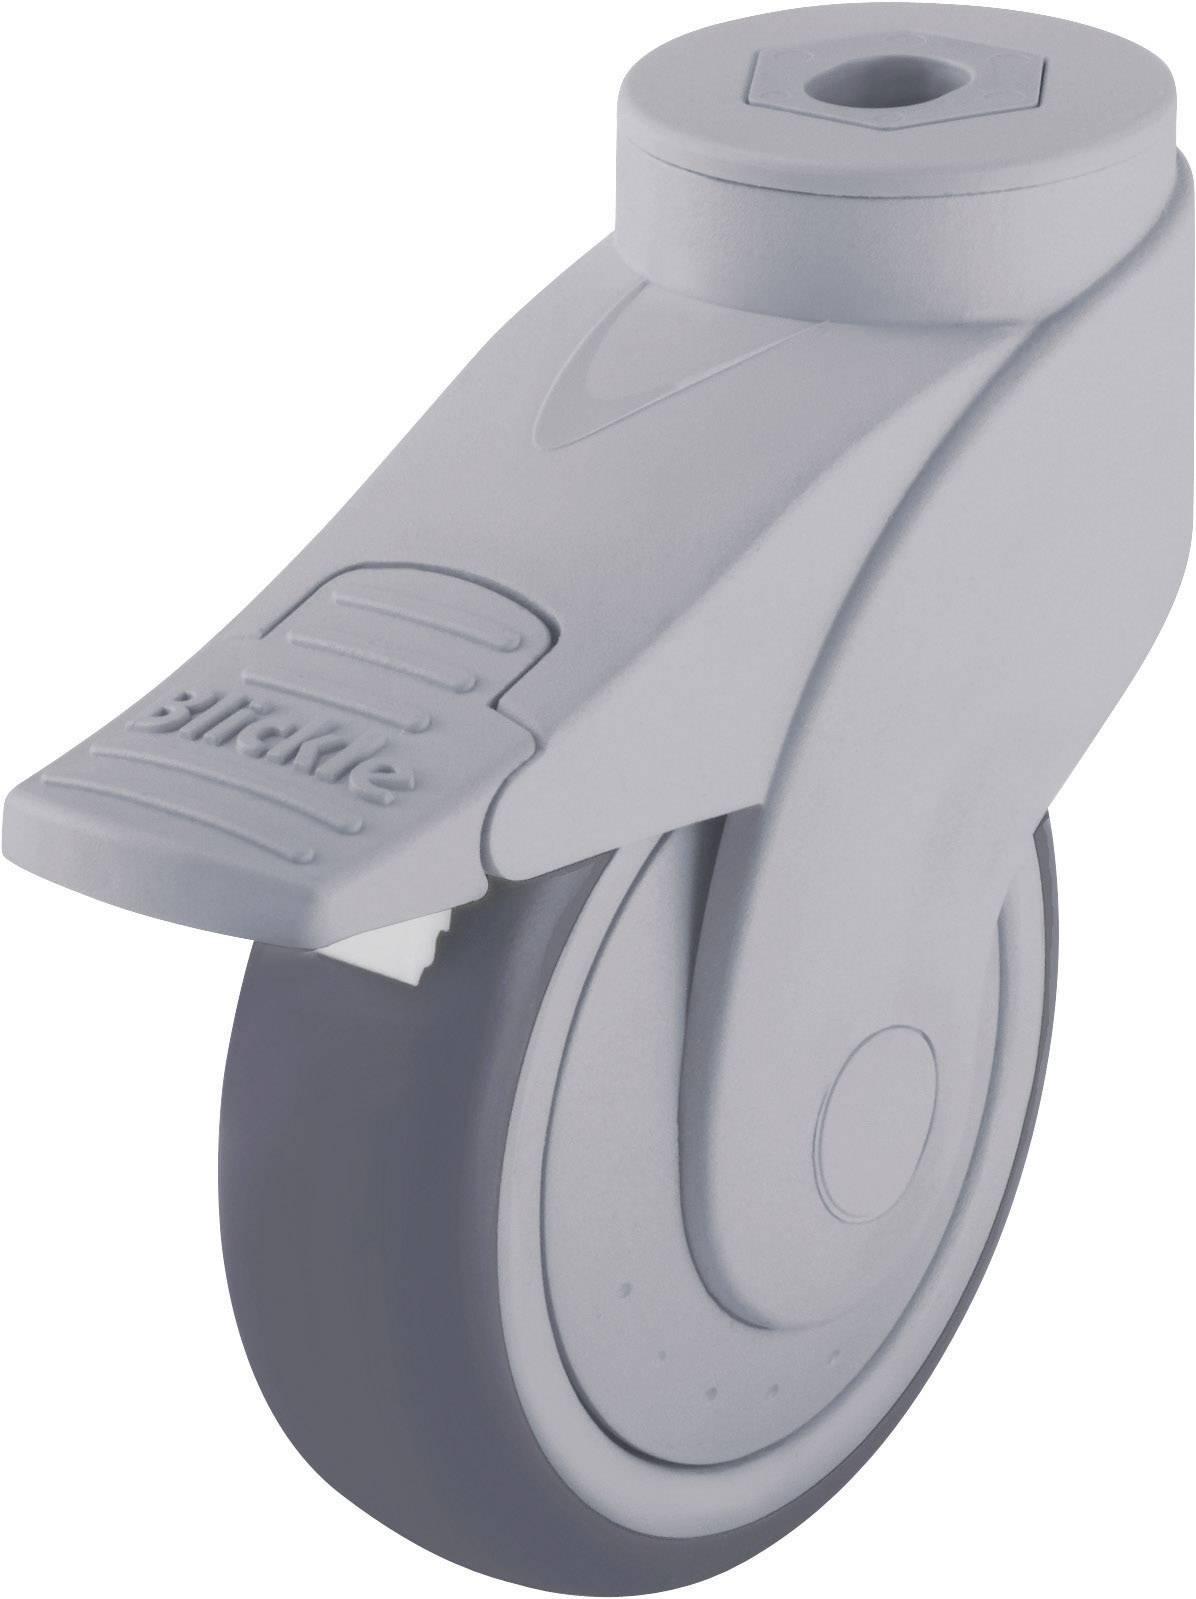 Plastové otočné kolečko se závitem pro šroub a brzdou,/O 100 mm, Blickle 744739